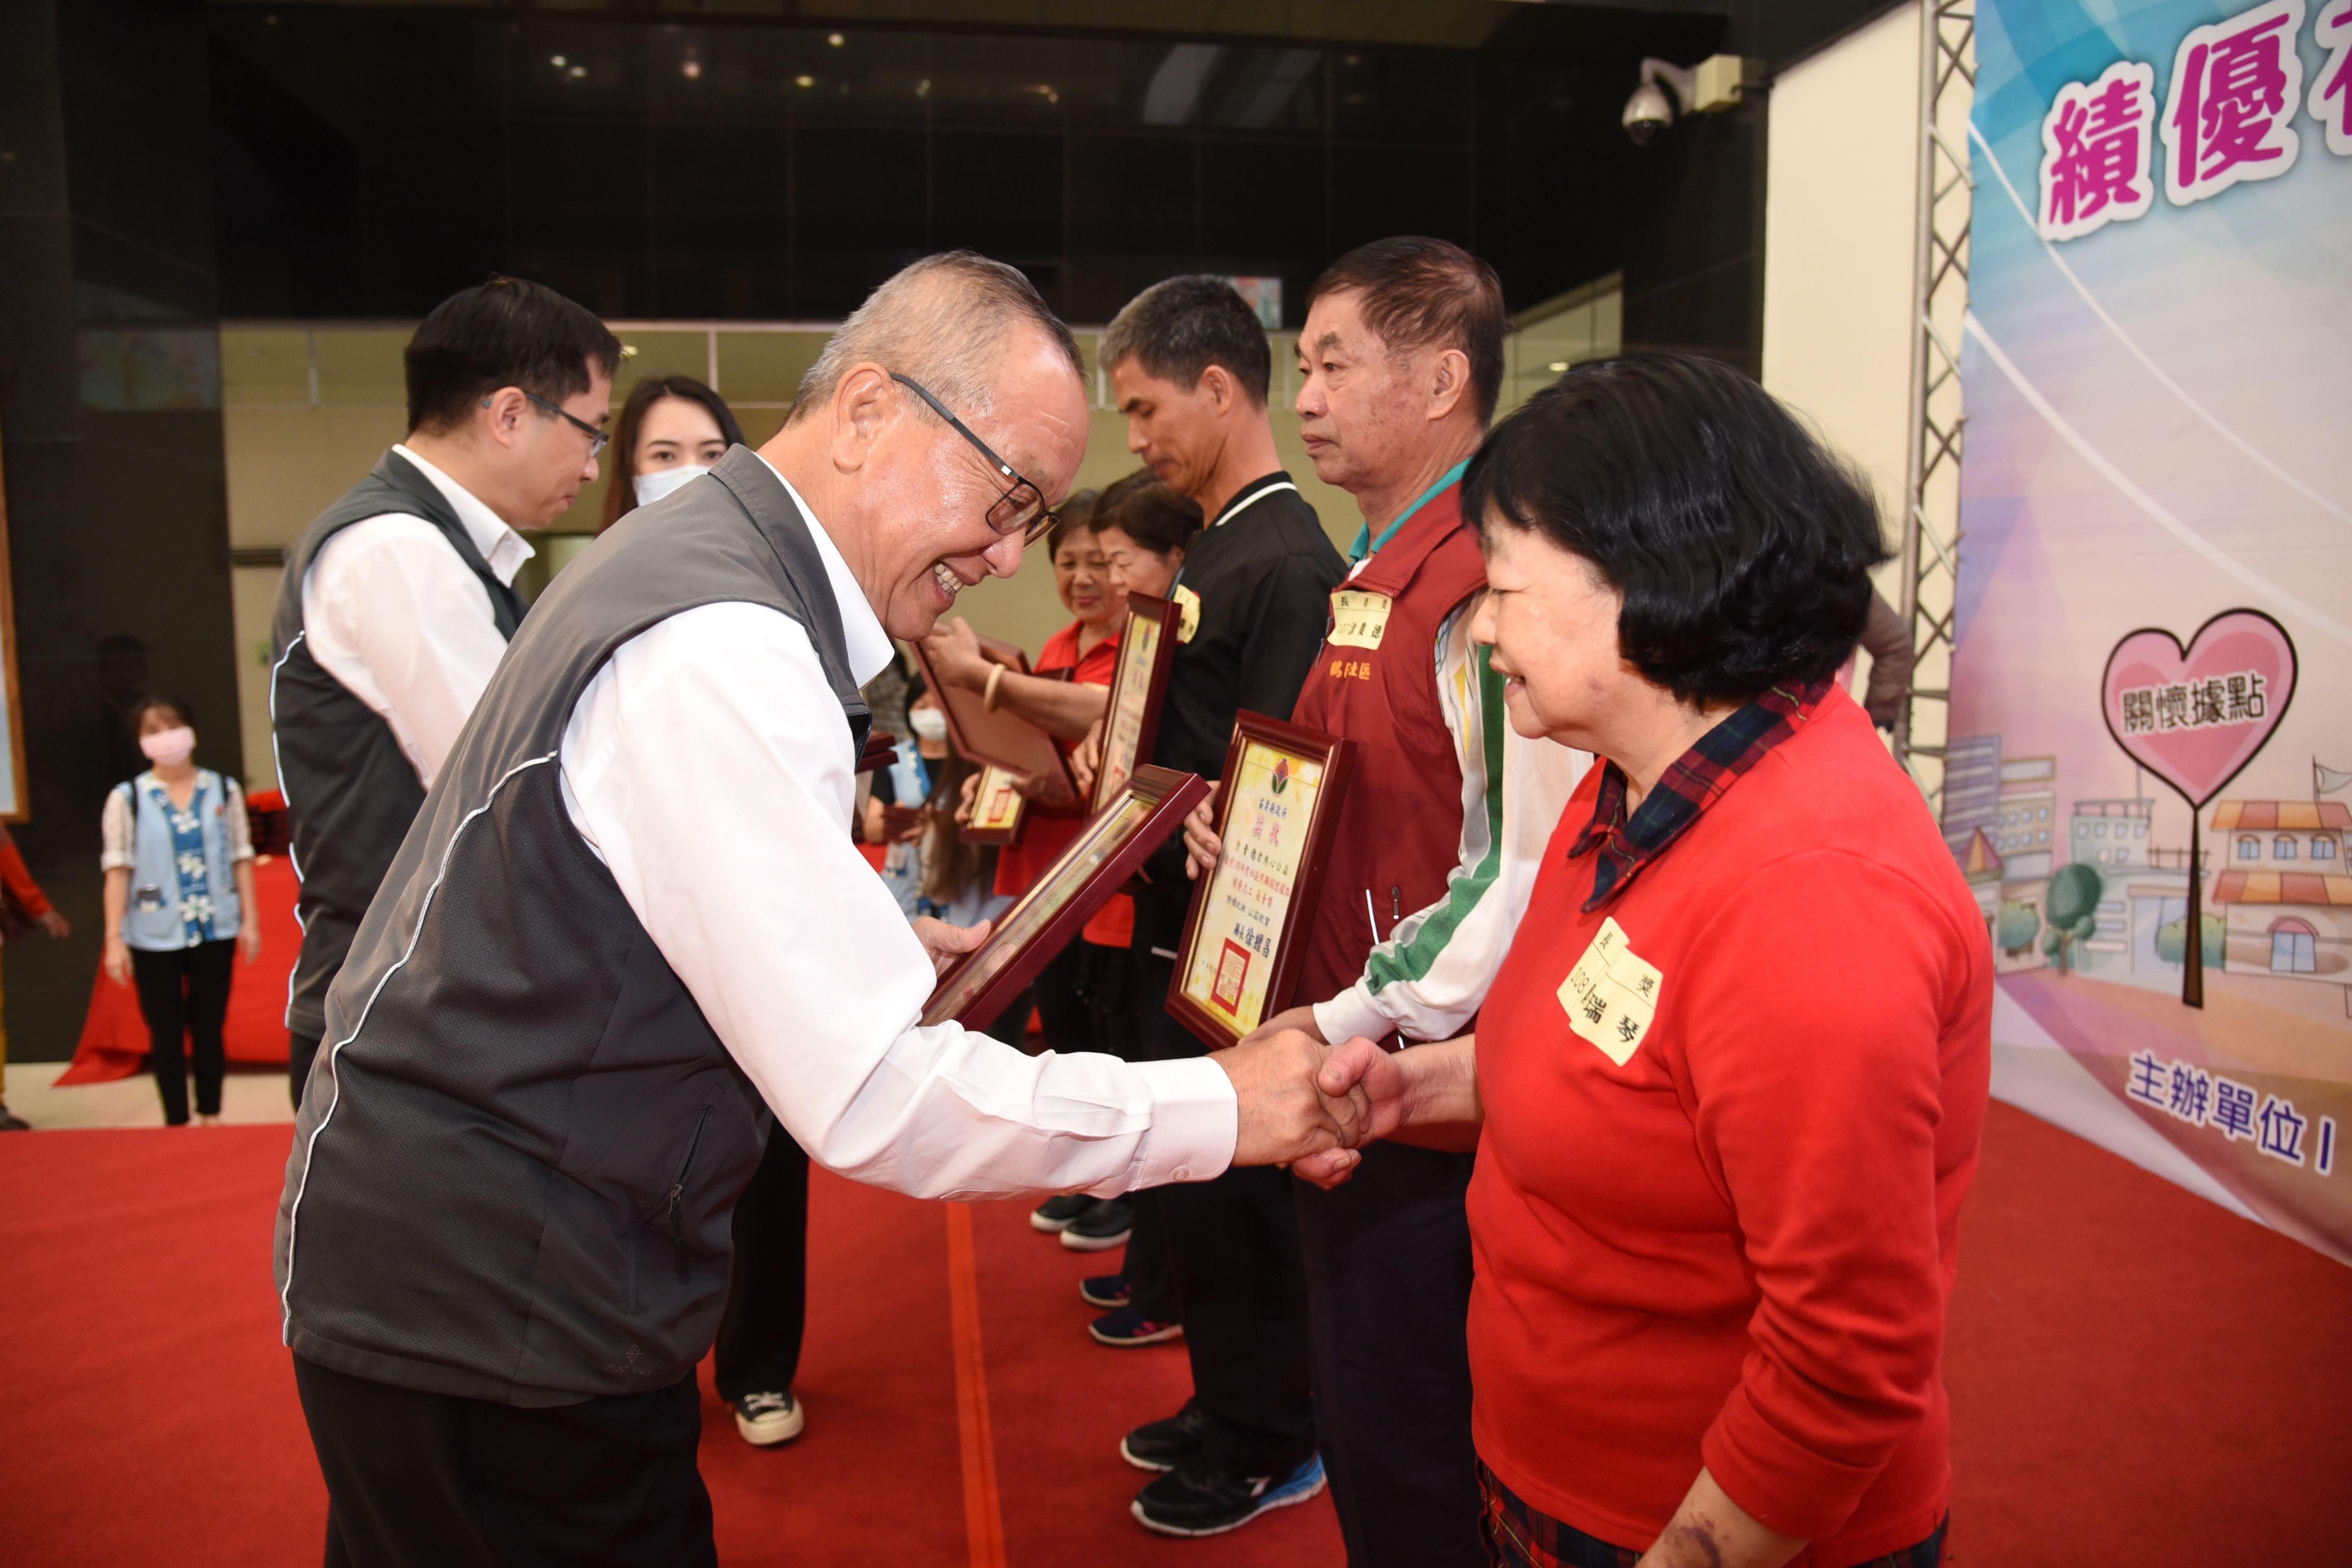 縣長徐耀昌頒獎表揚關懷據點熱心績優志工